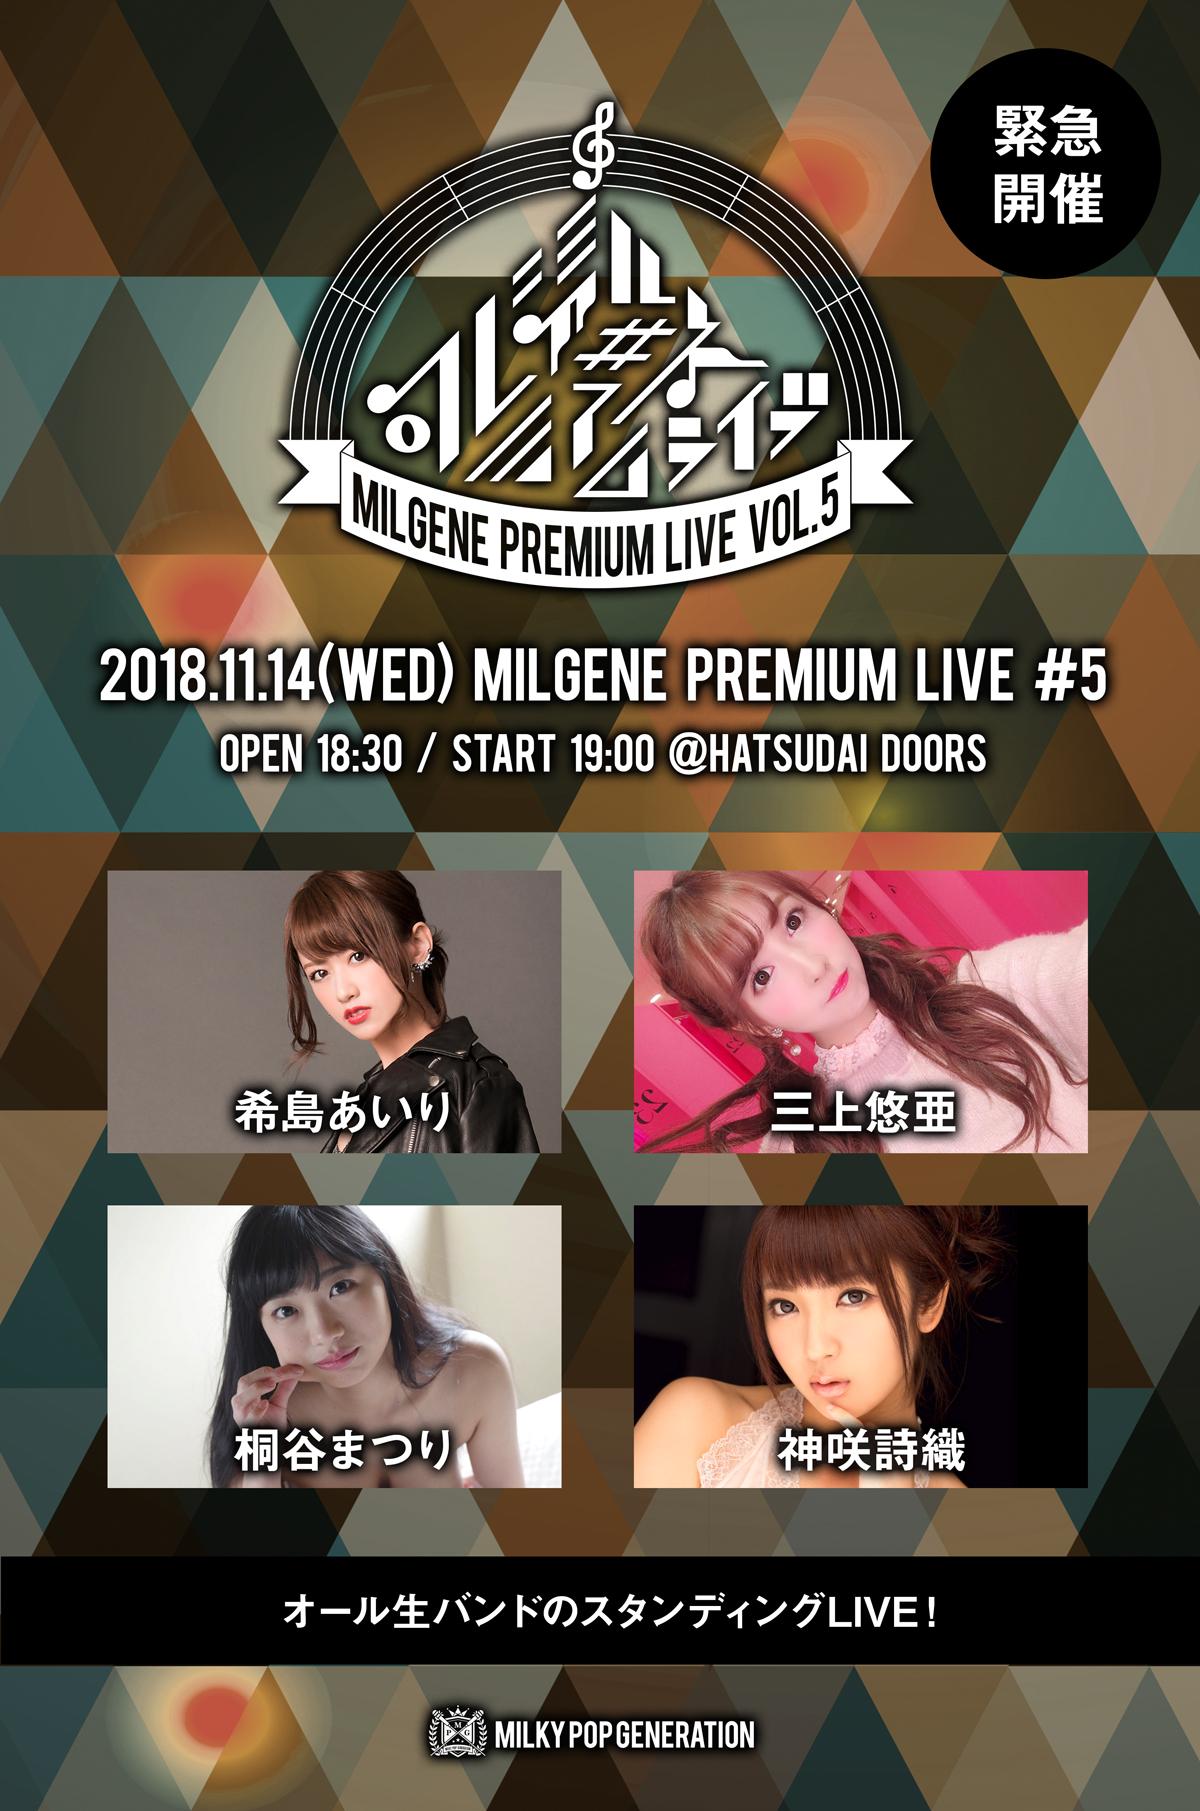 MilGene Premium Live 5(ミルジェネプレミアムライブファイブ)